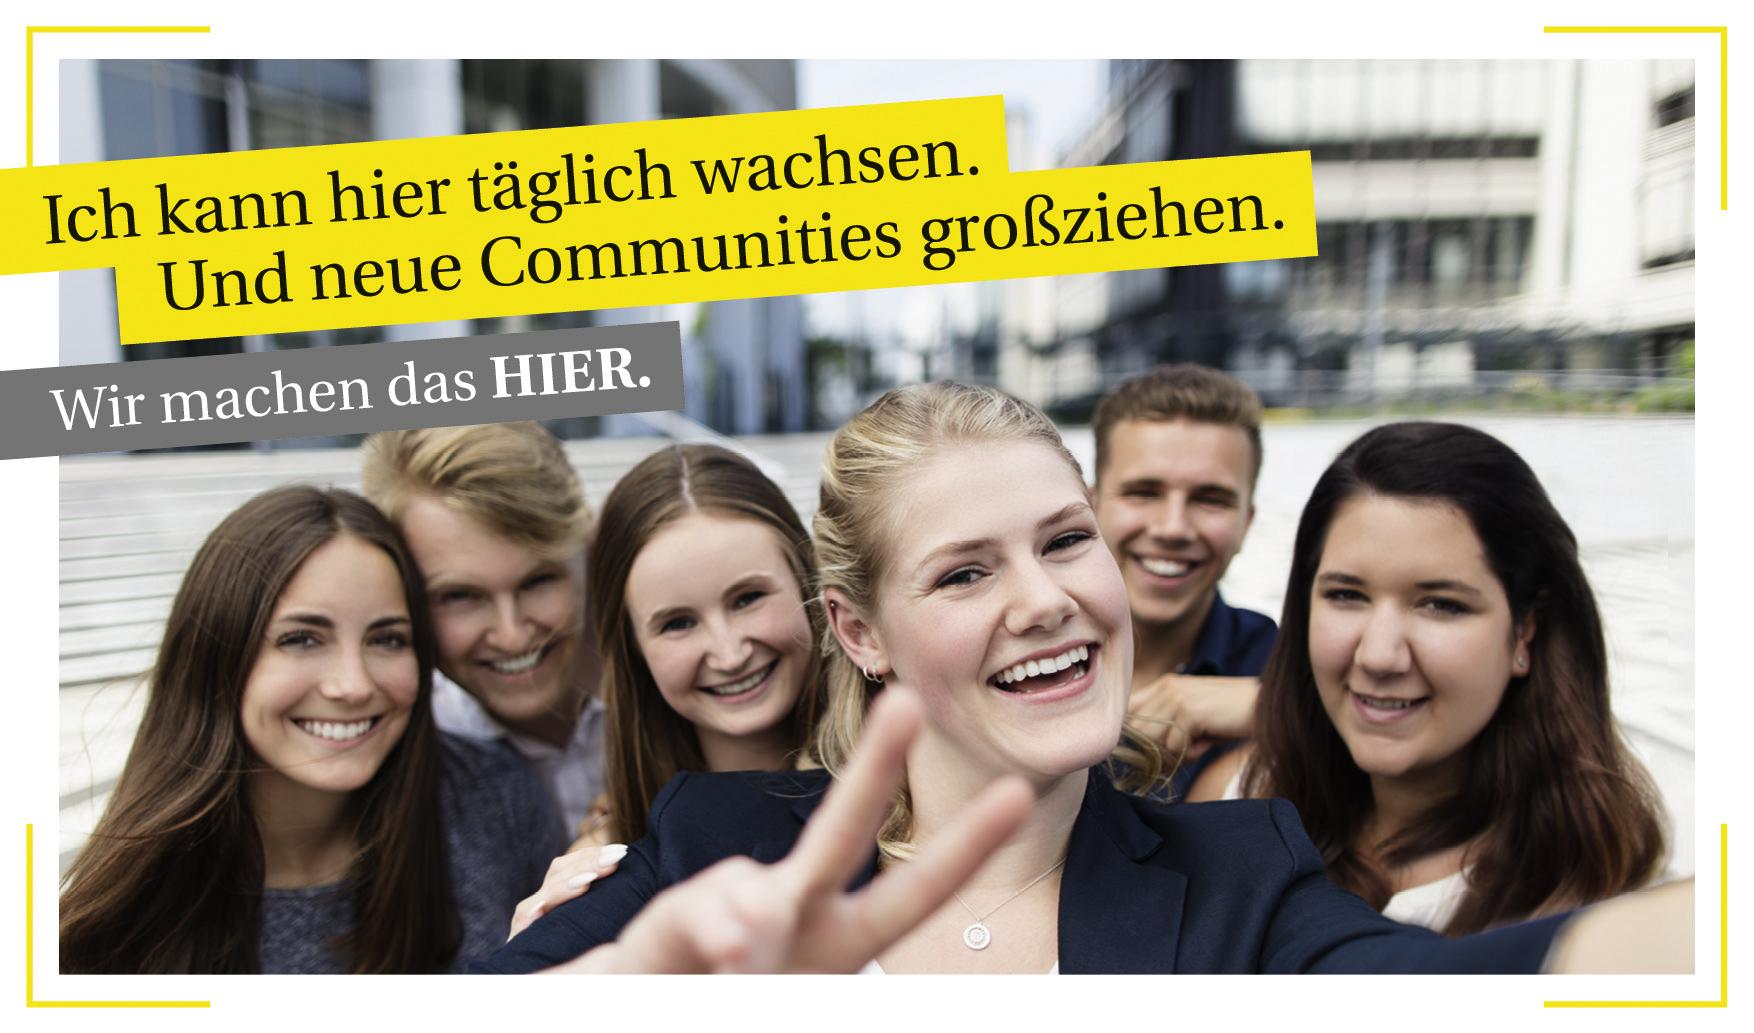 Digitale Vertriebs- Und Verlagsgesellschaft Mbh